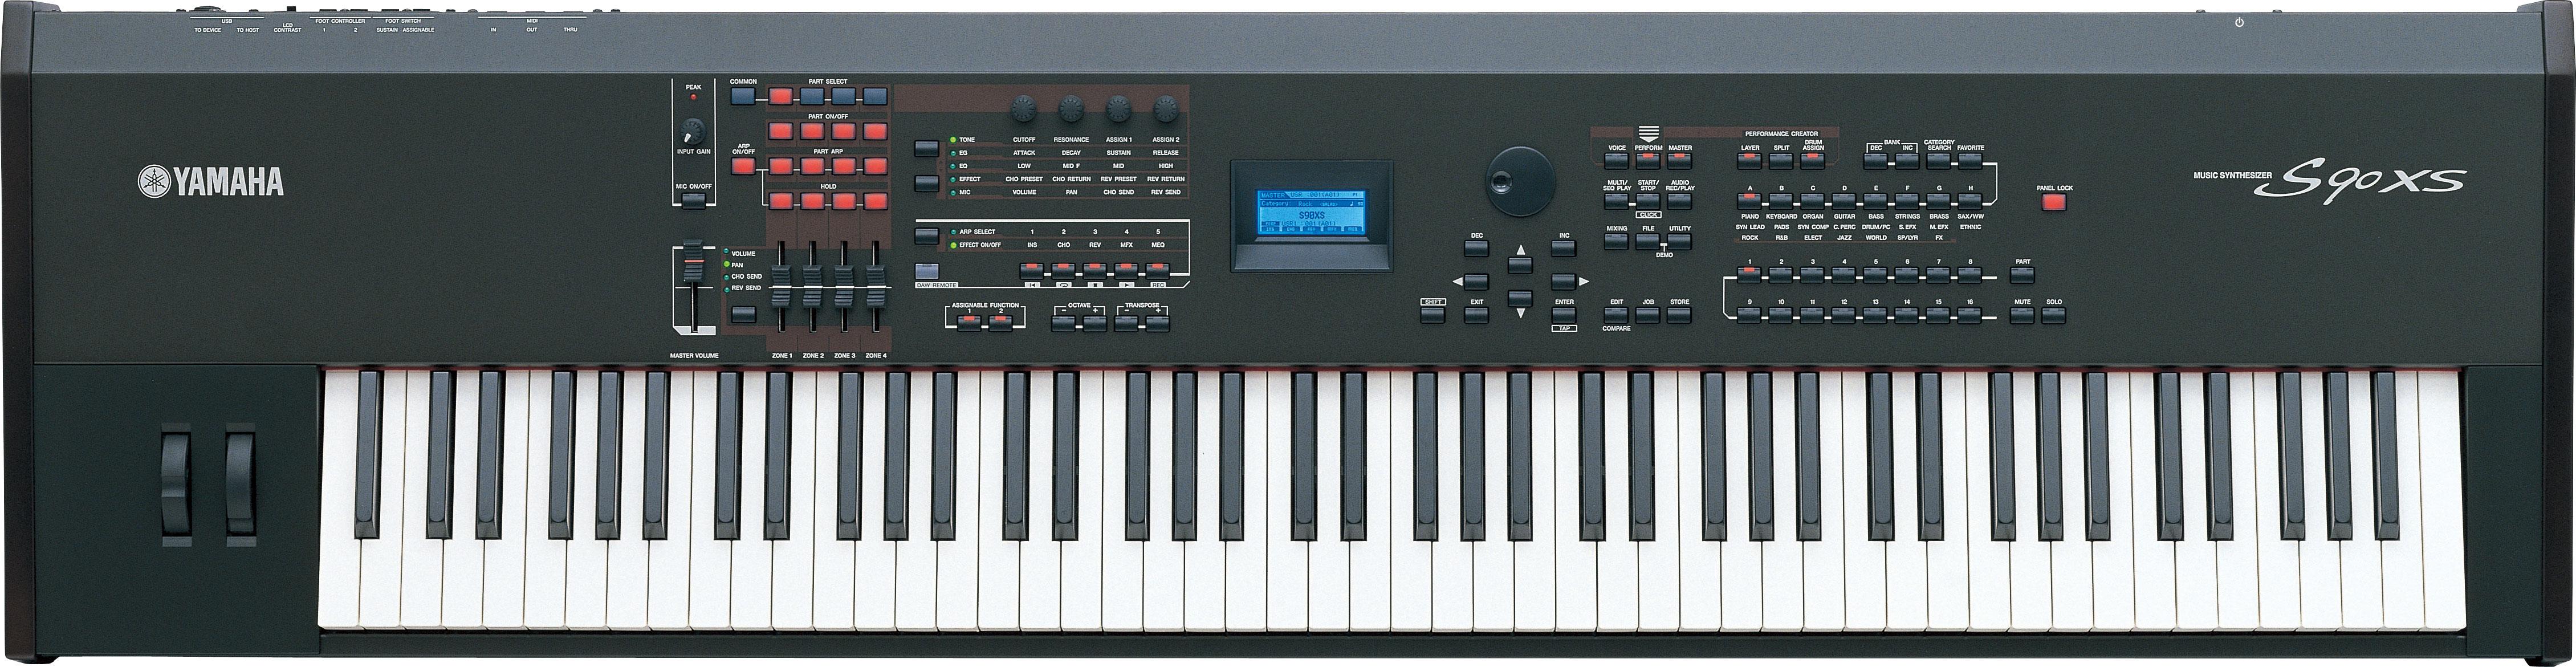 s90 xs yamaha s90 xs audiofanzine rh en audiofanzine com yamaha s90 user manual yamaha 90 manual